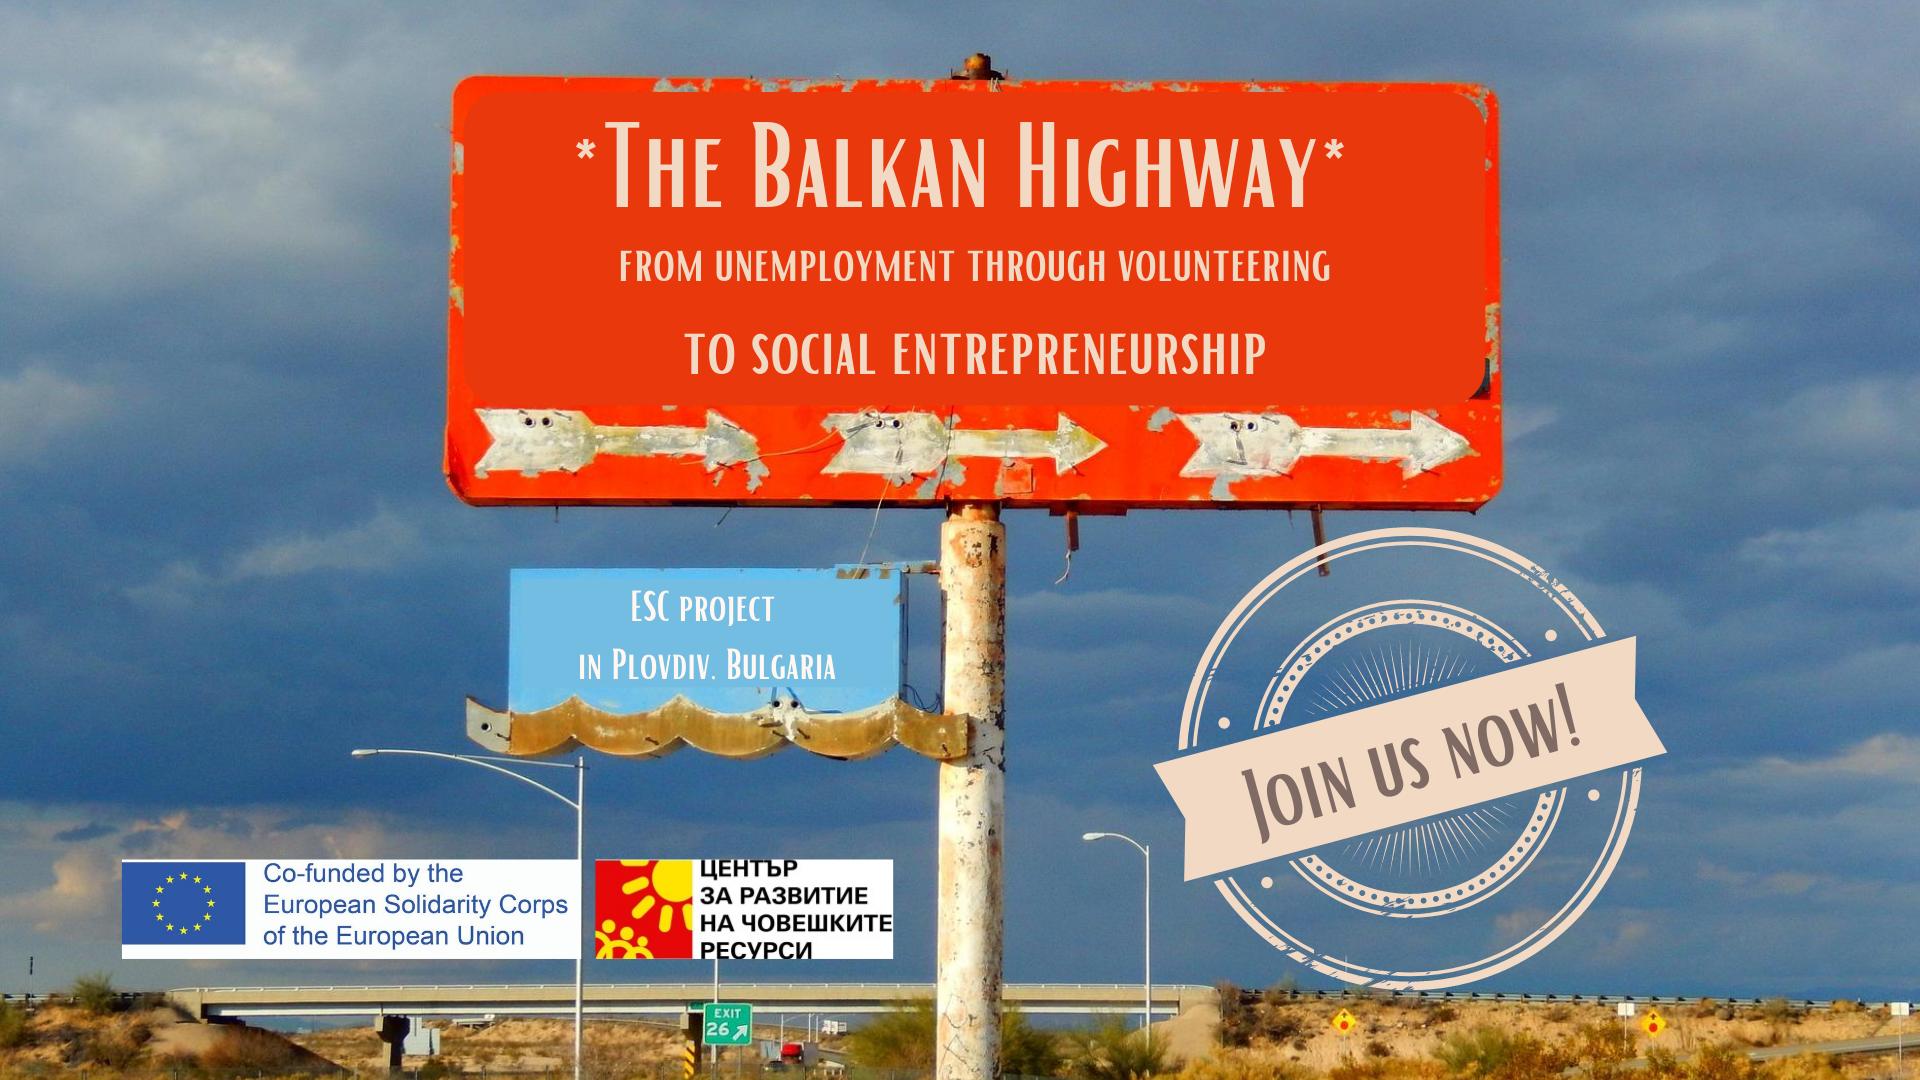 smokinya_the-balkan-highway-volunteering-project-in-bulgaria-3_002.png